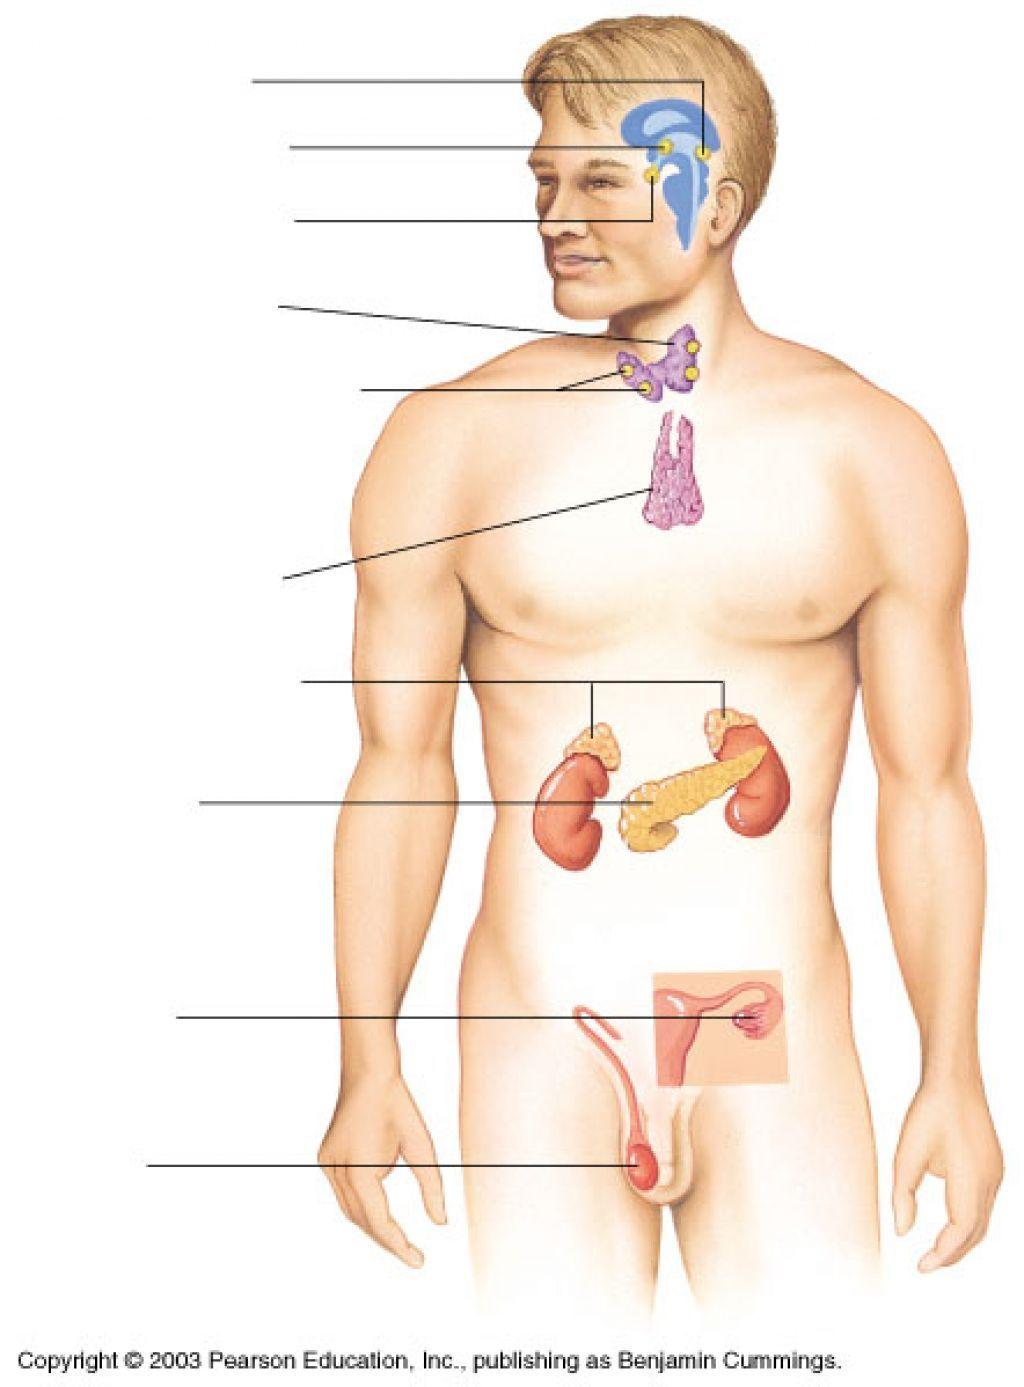 Endocrine System Diagram Unlabeled | NURSING | Pinterest ...